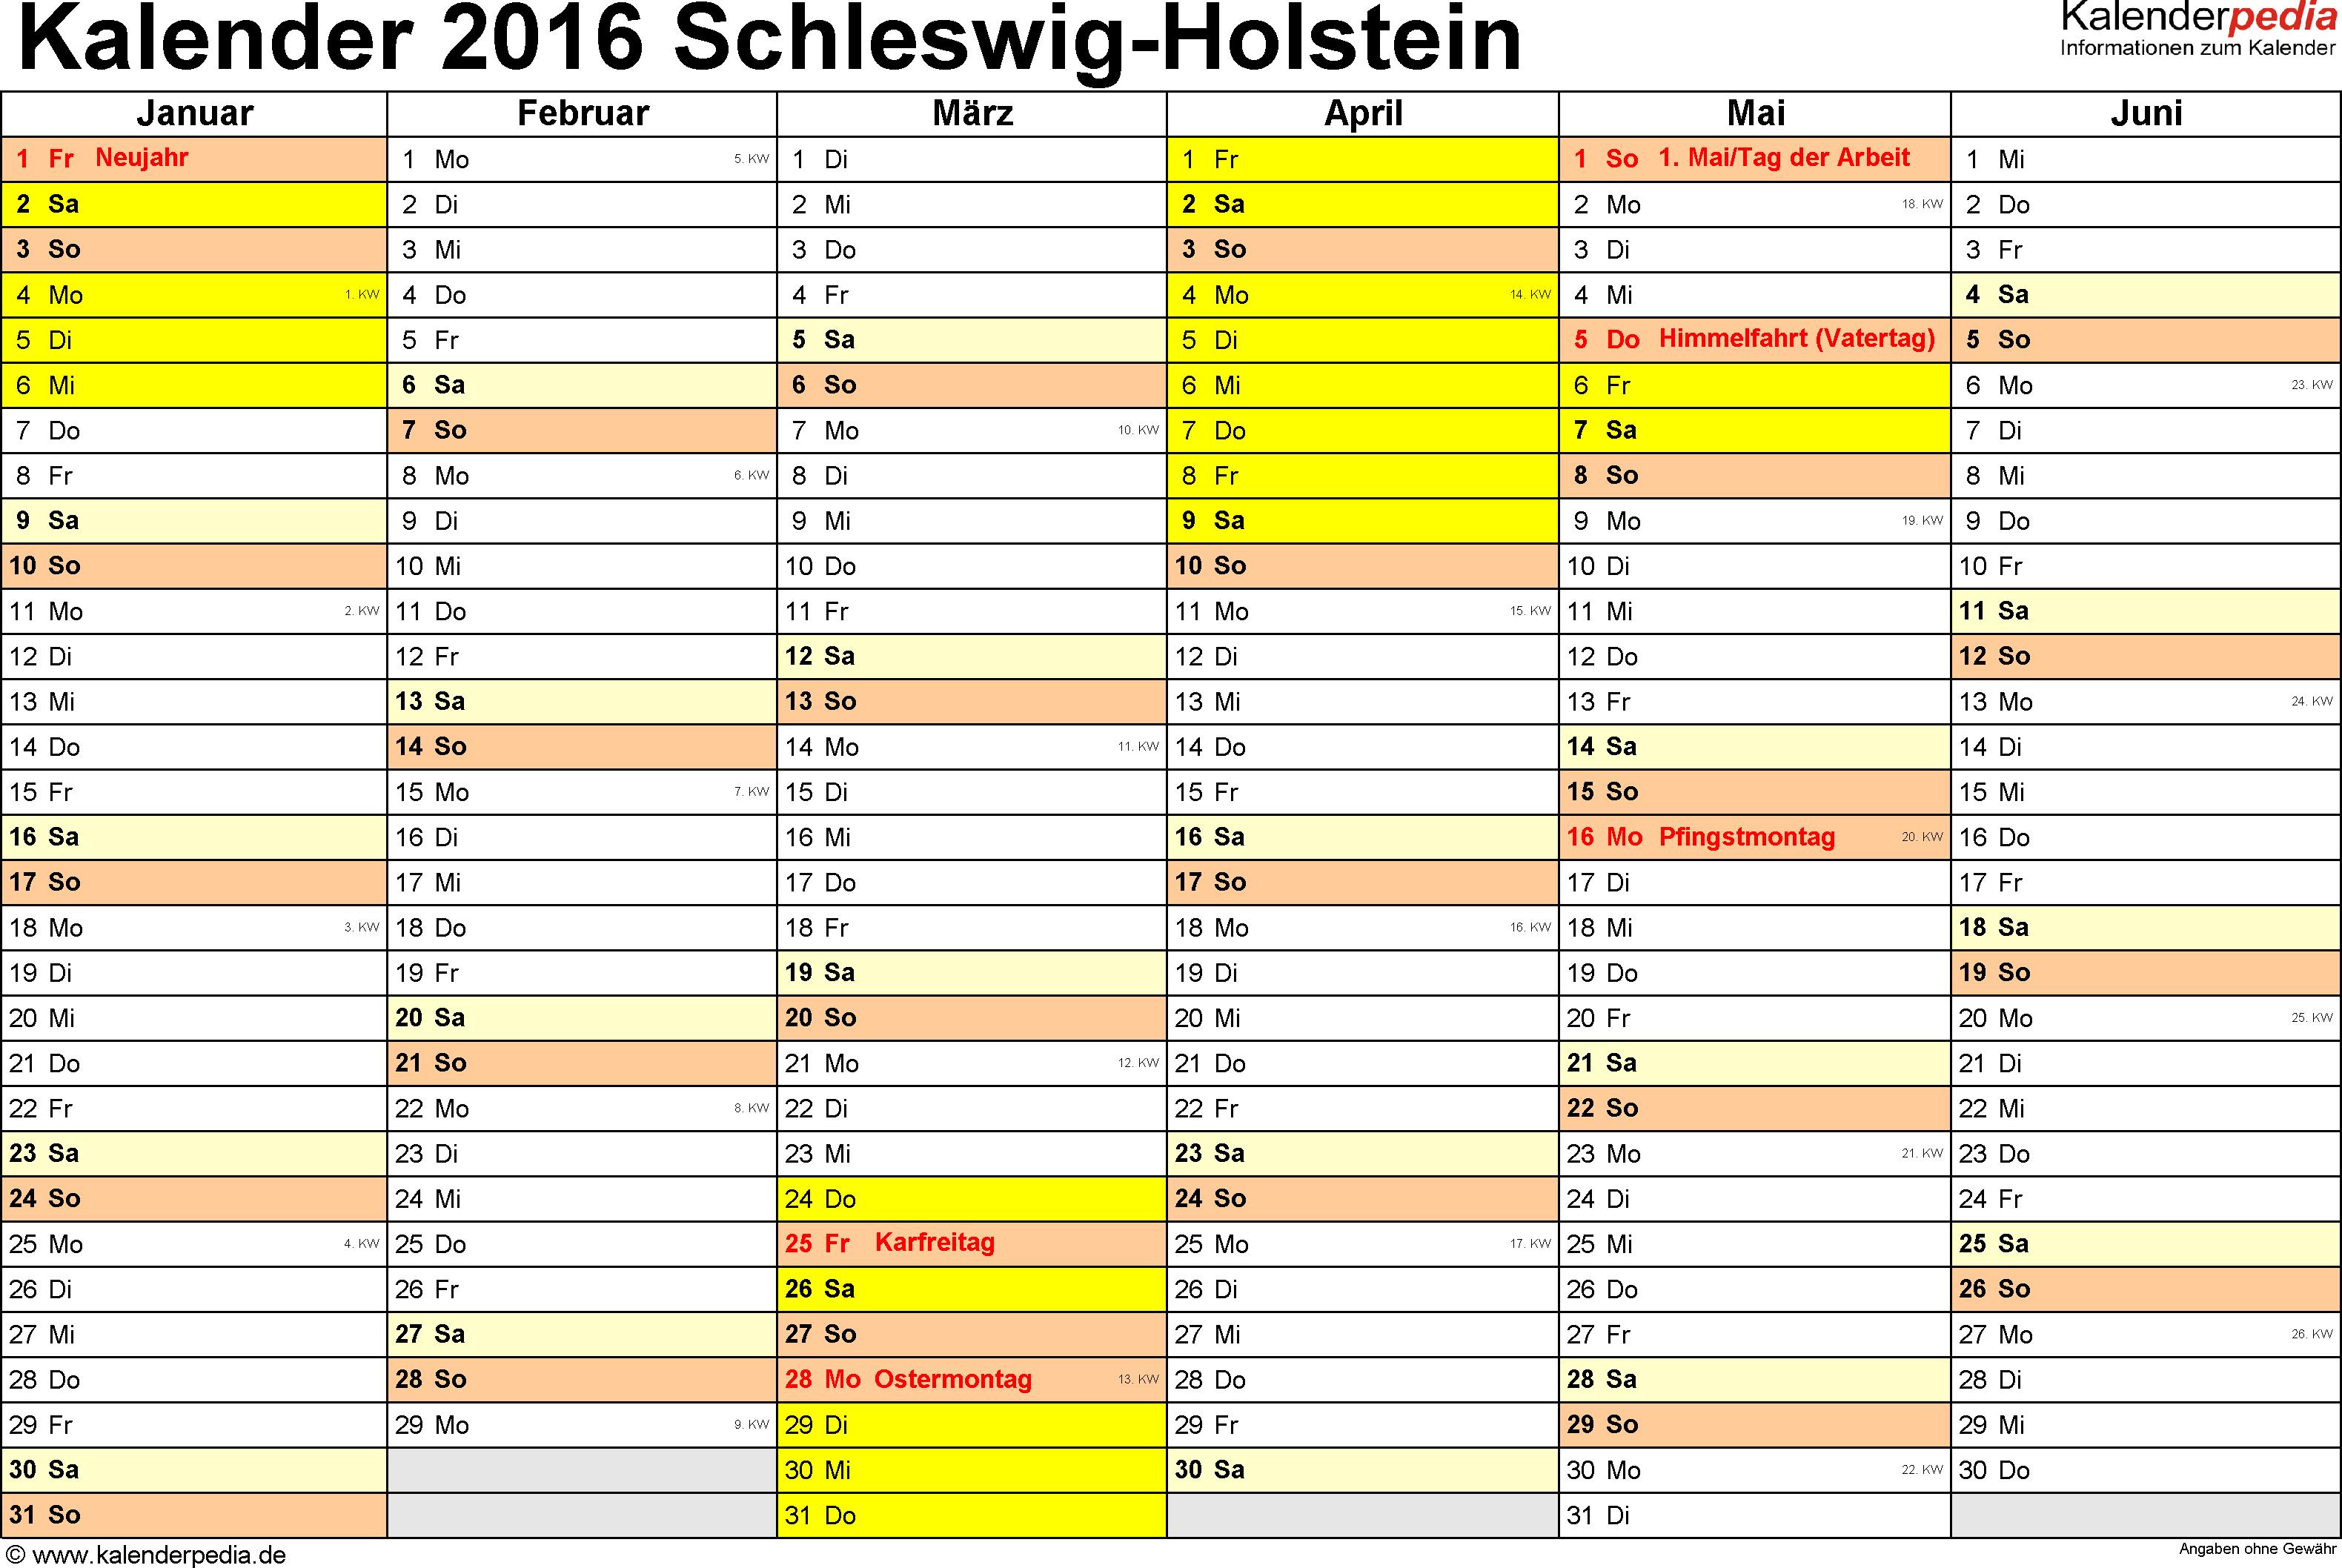 Vorlage 2: Kalender 2016 für Schleswig-Holstein als Word-Vorlage (Querformat, 2 Seiten)